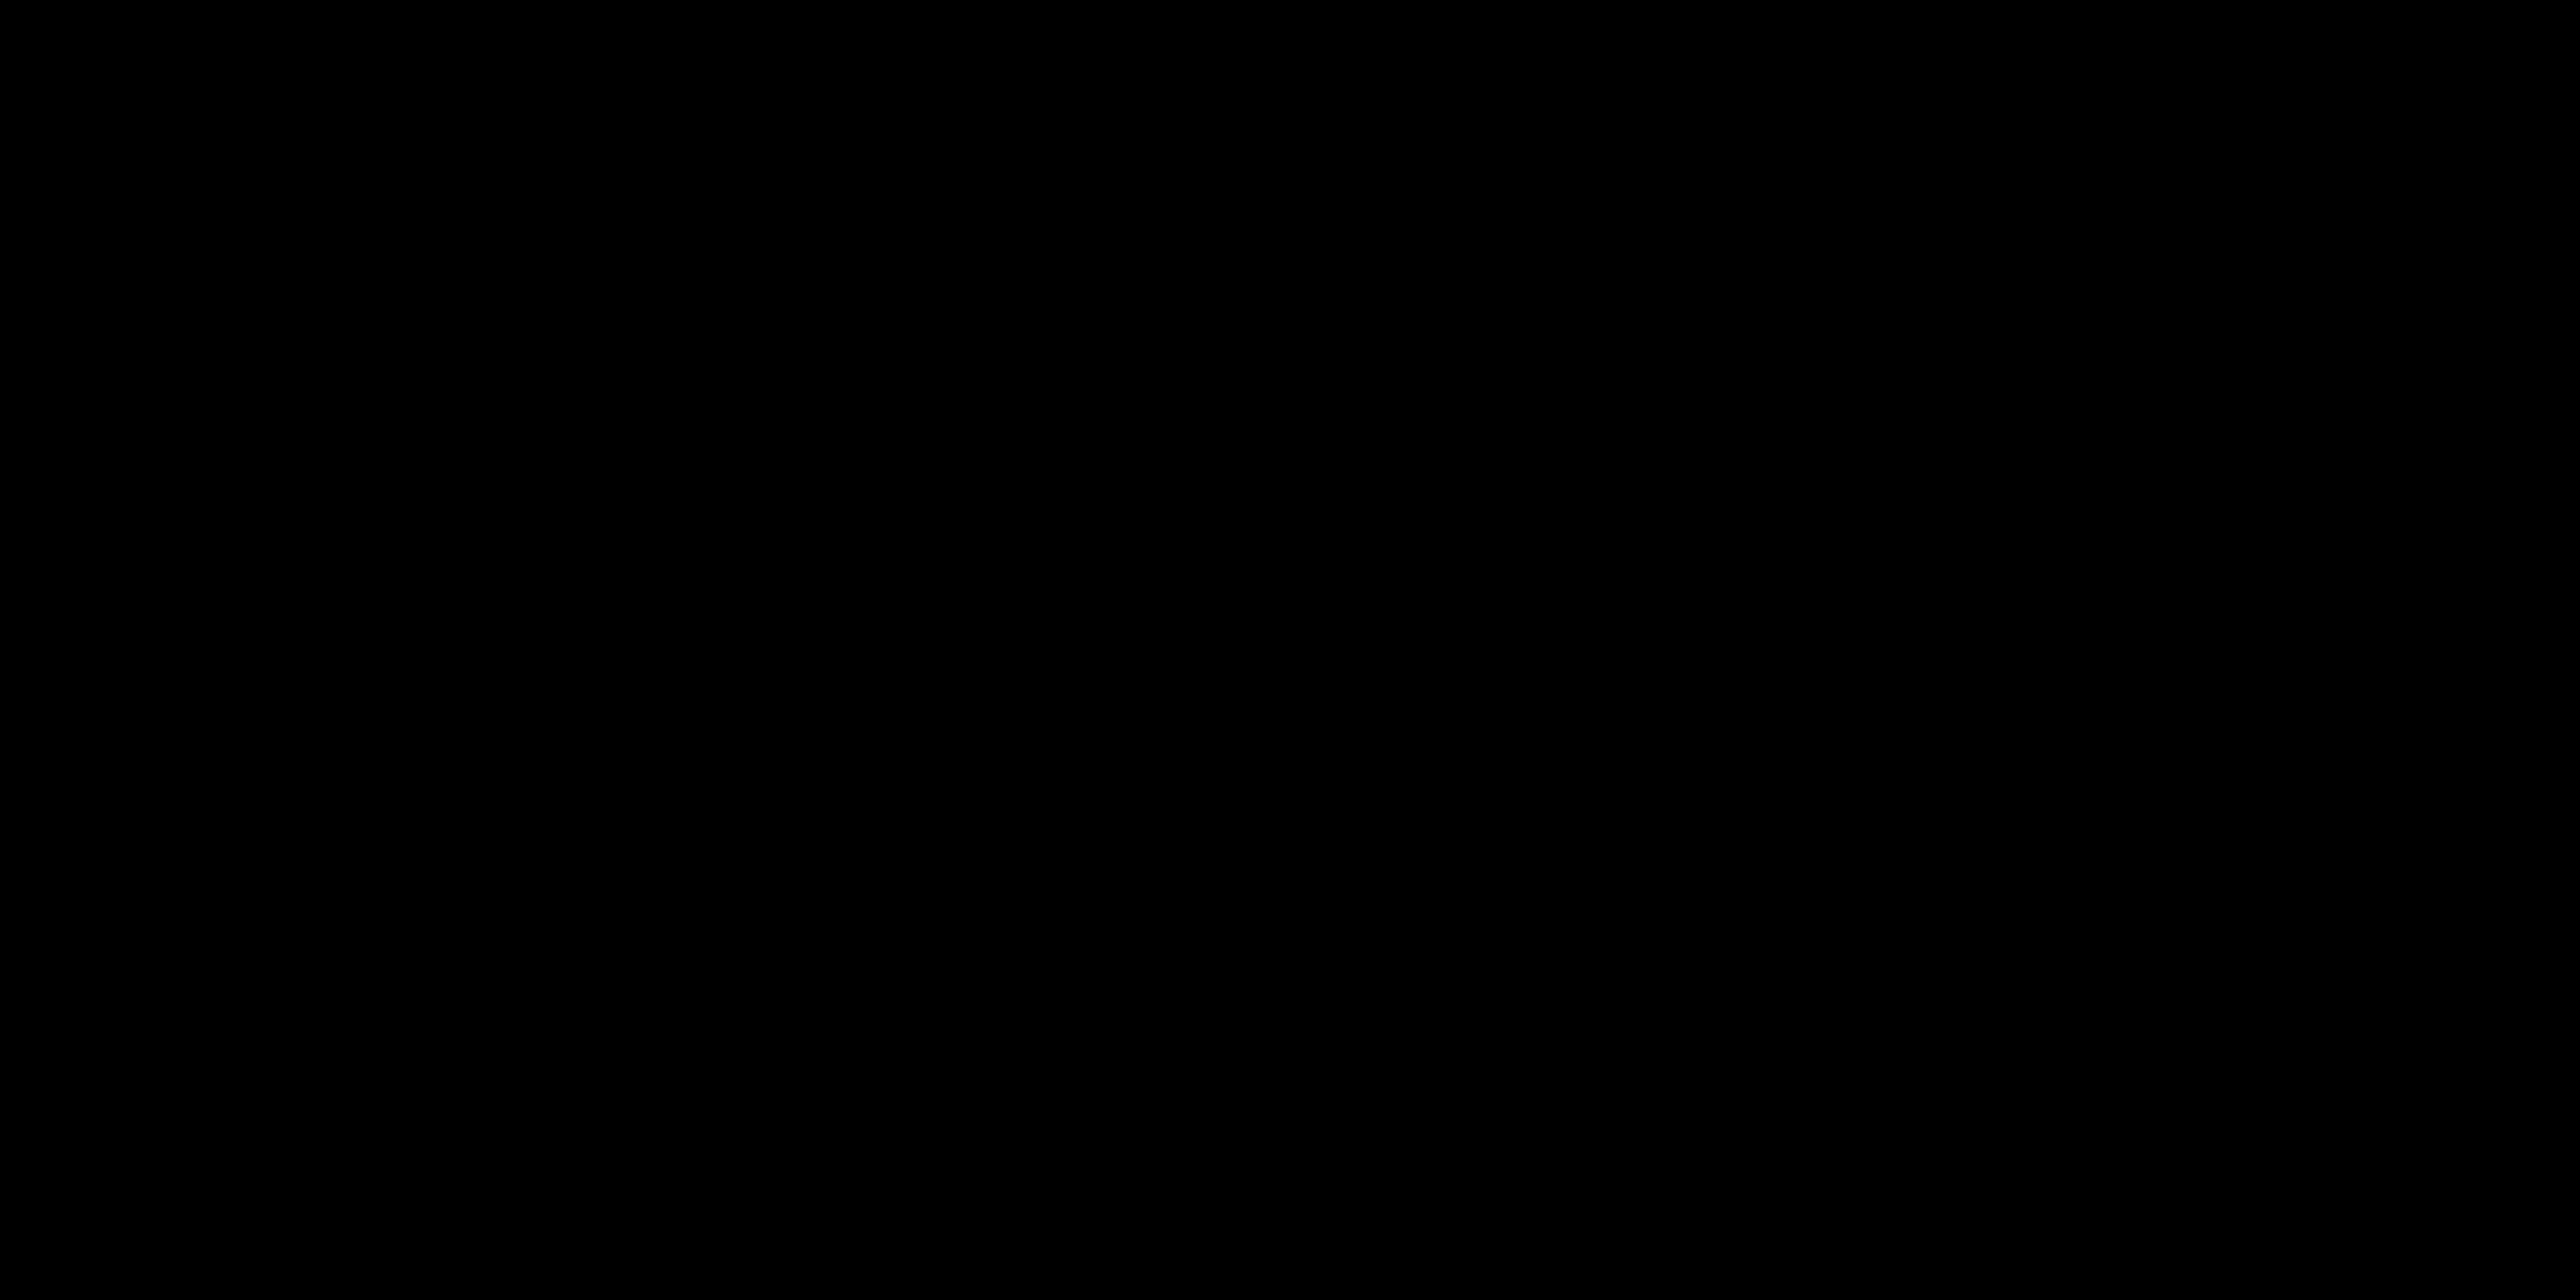 Lottizzazione a Mambrotta